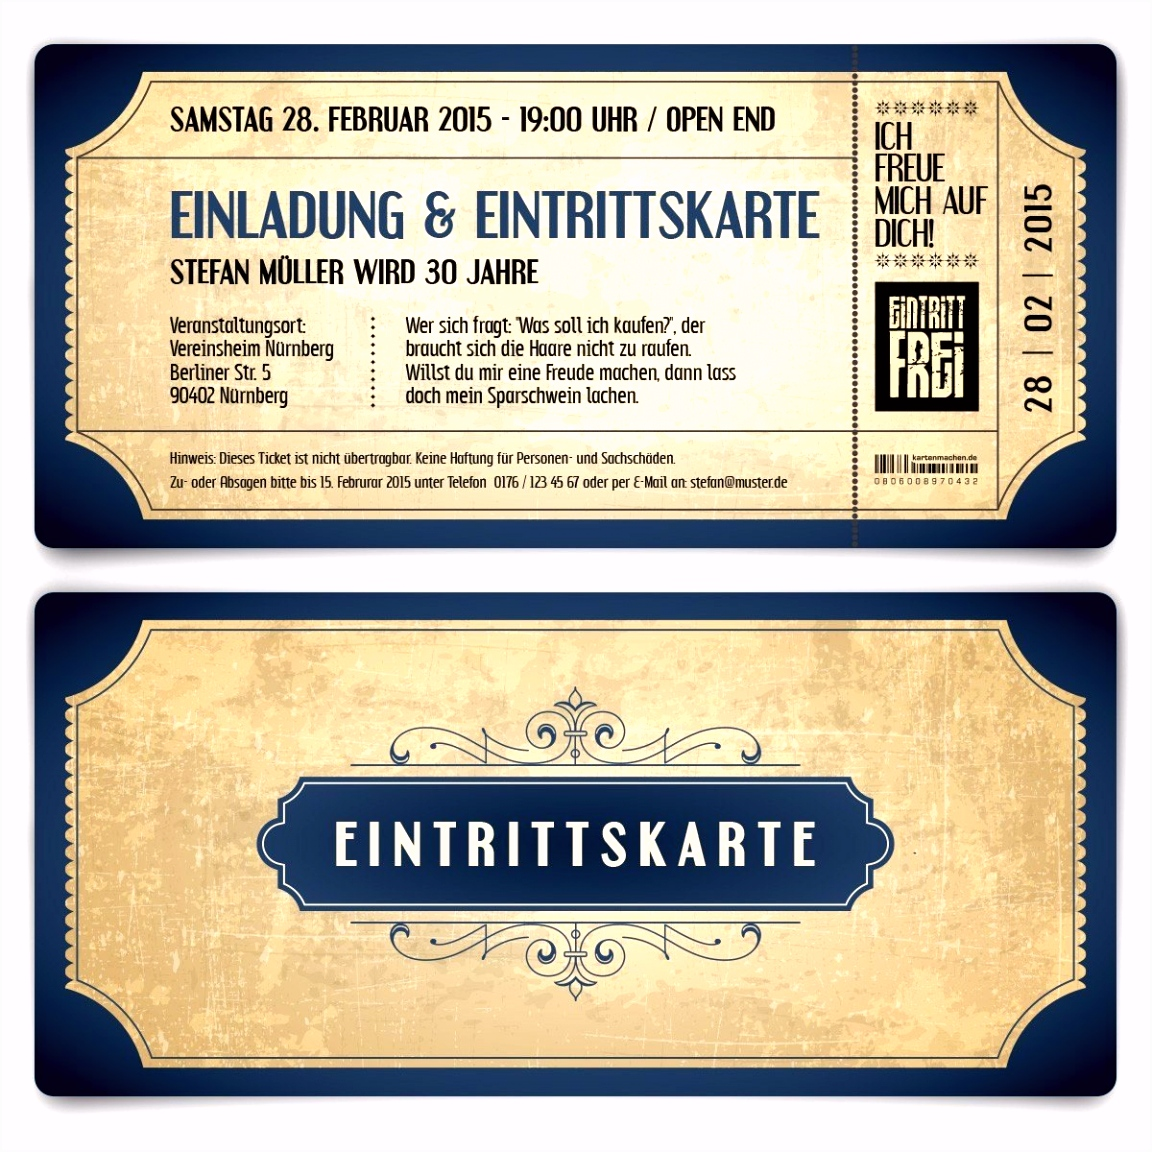 Einladungskarte Fussball Ticket Vorlage Einladung Ticket Vorlage Kostenlos Ticket Clipart Free Luxury Z3cu23thv4 Omsfm0bfb5